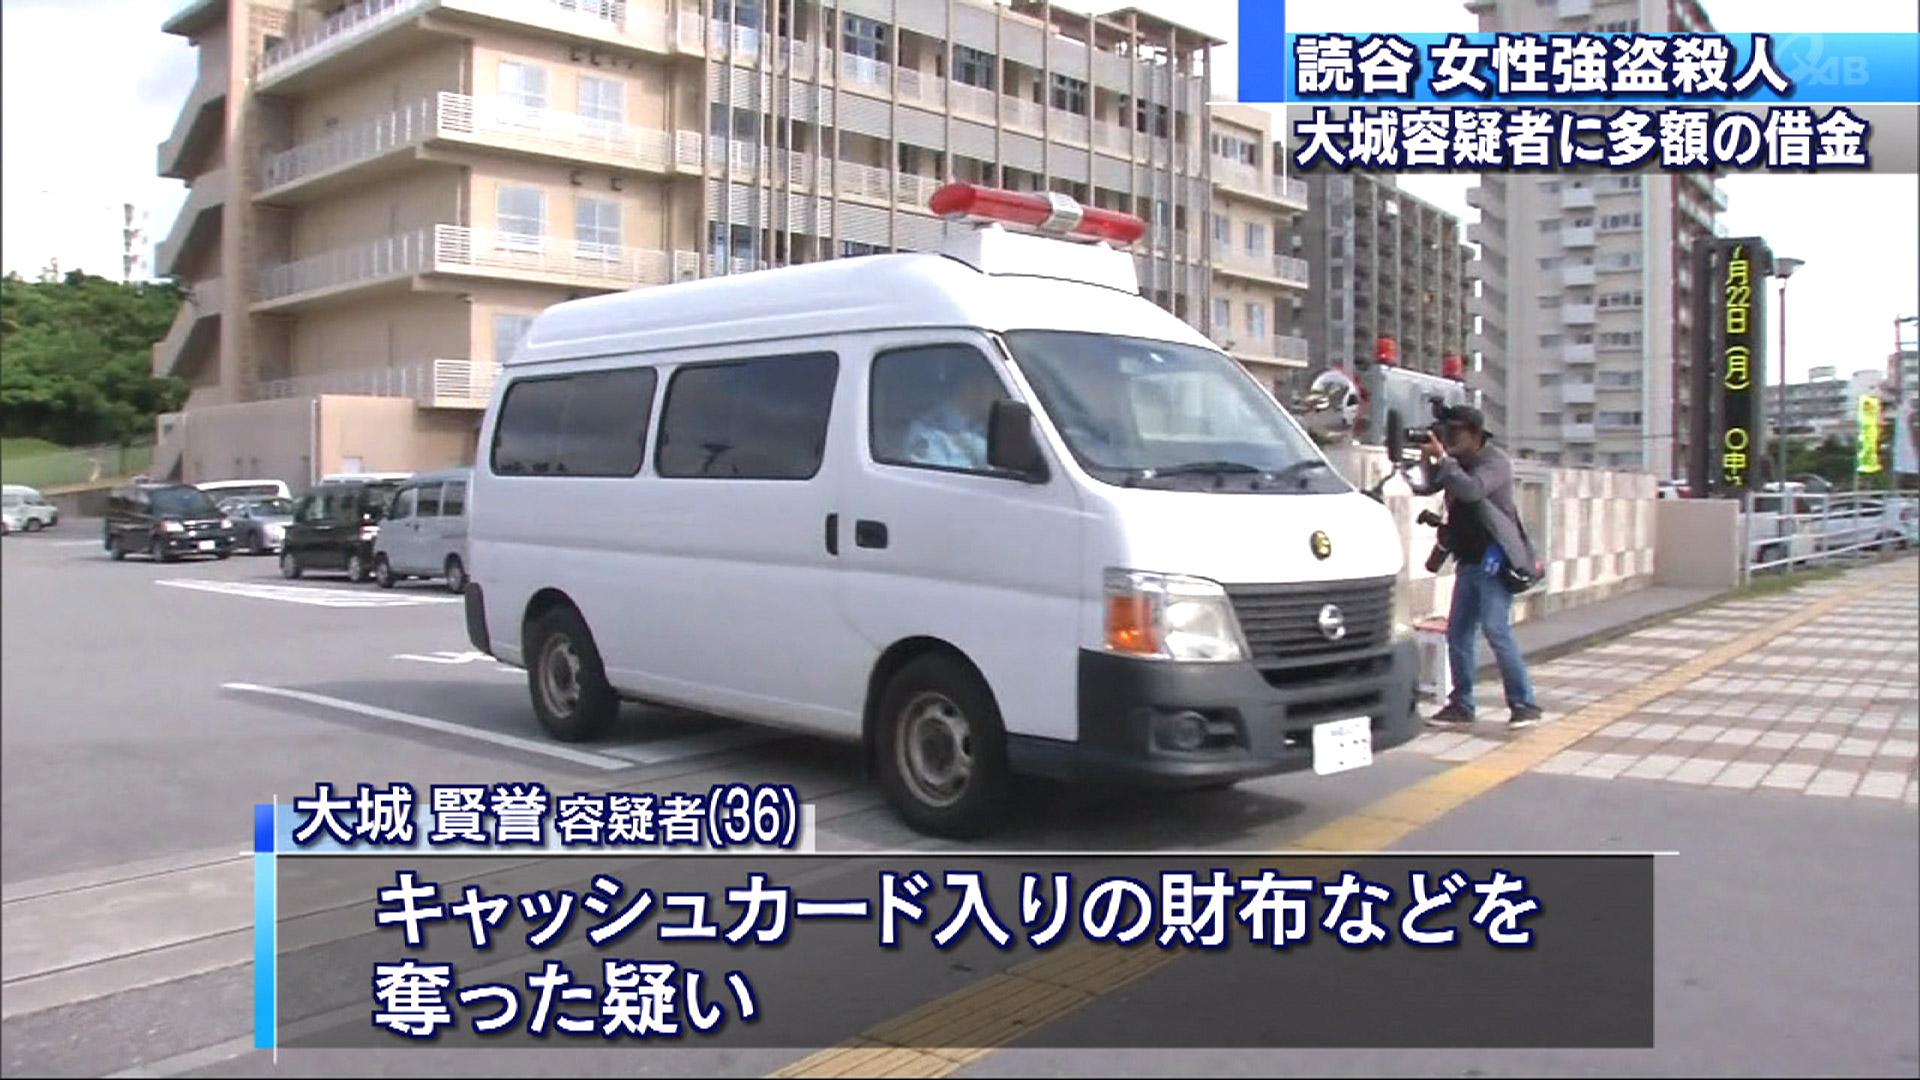 読谷村女性強盗殺人 容疑者に借金